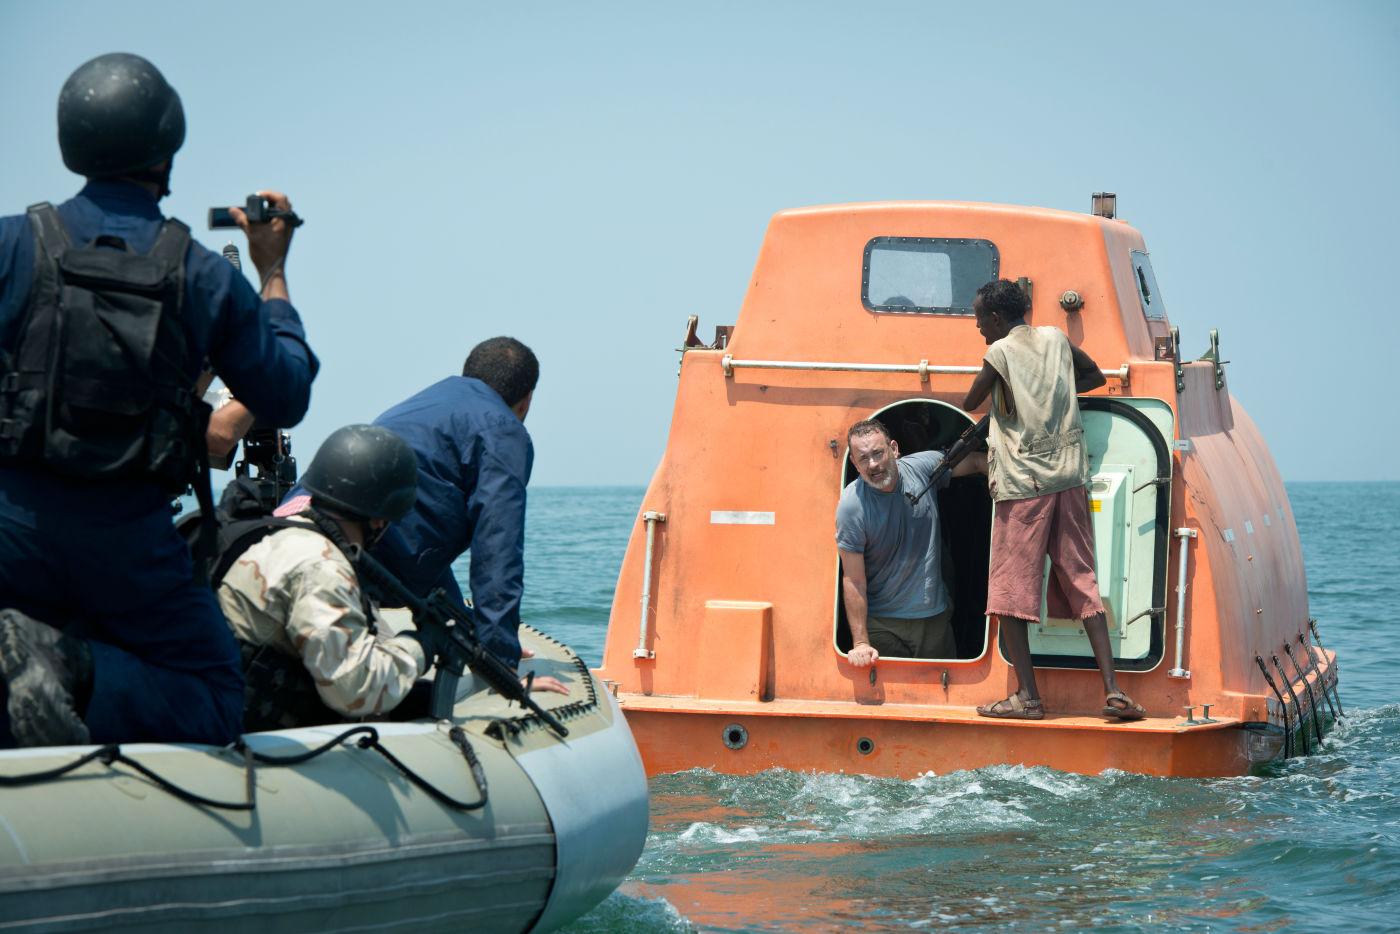 Tom Hanks e Barkhad Abdi no bote claustrofóbico de Capitão Phillips (photo by outnow.ch)